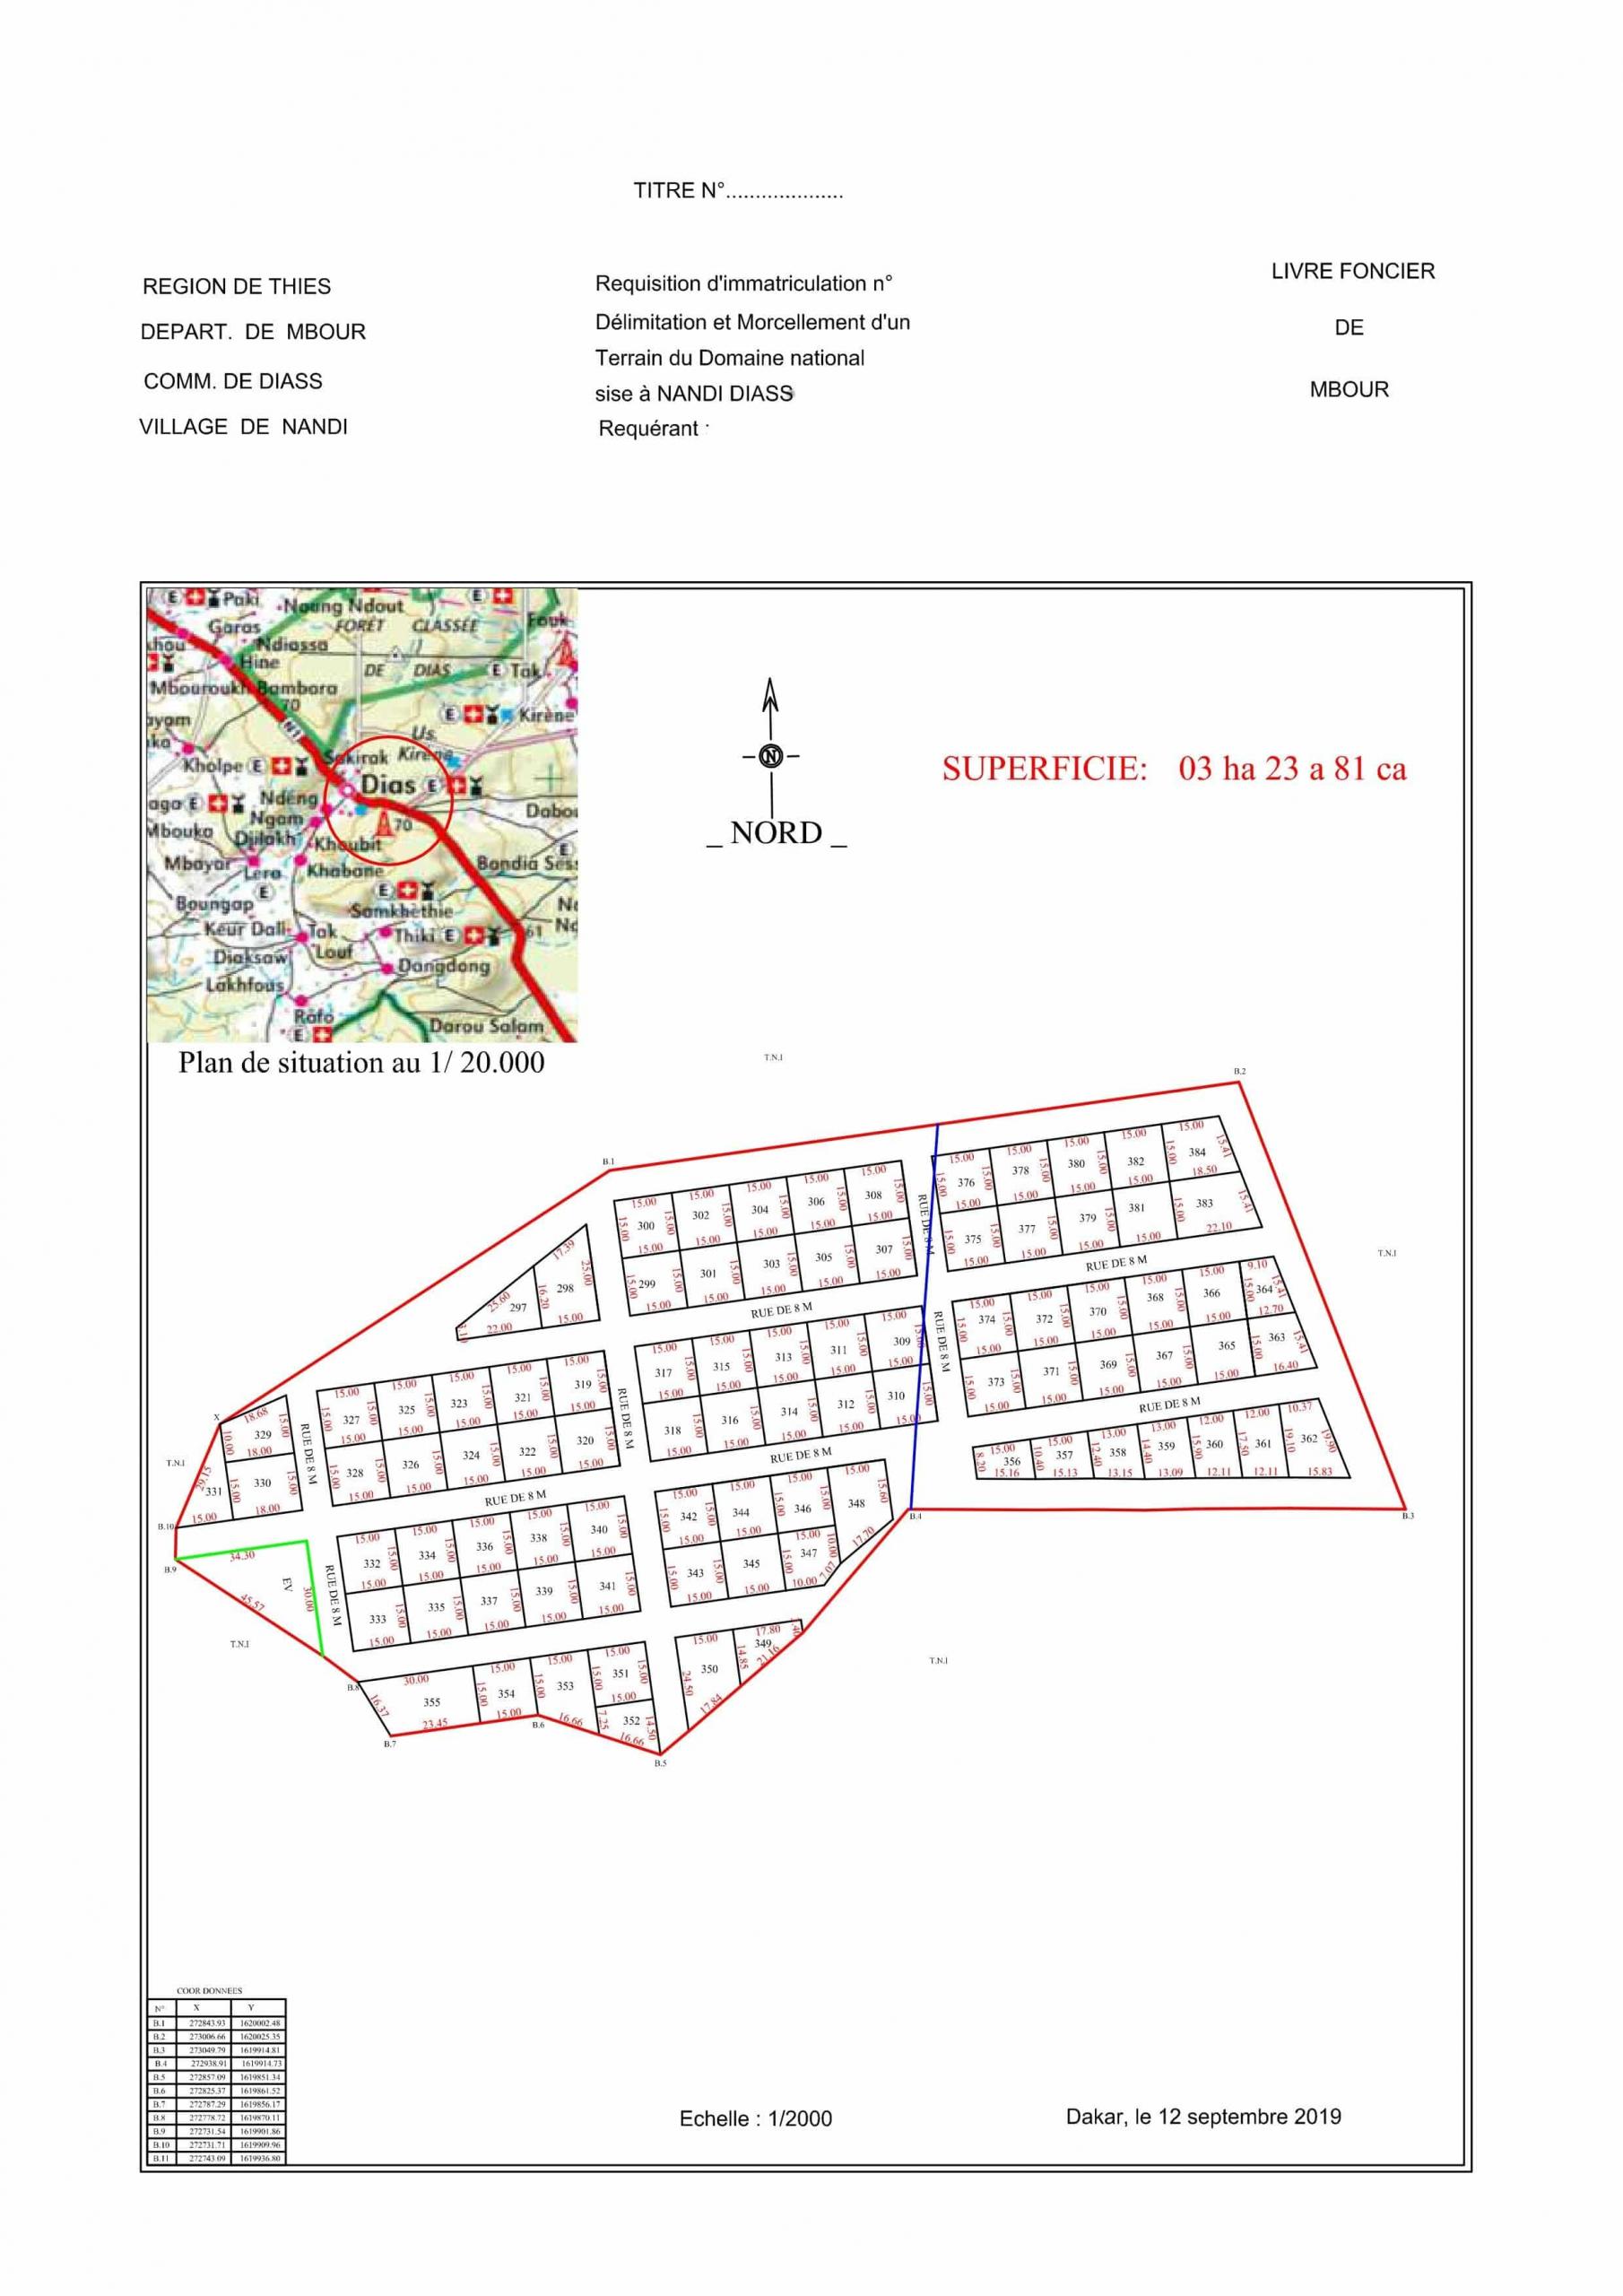 Nous mettons en vente un Lot de terrain à Diass. ce lot de terrain de 03 ha 23 a 81 ca du domaine national sise à Nandi Diass est délimité et morcelé en 150 m2. Position géographique: Région de Thiès, Département de Mbour, Commune de Diass, Village de Nandi. Prix abordable